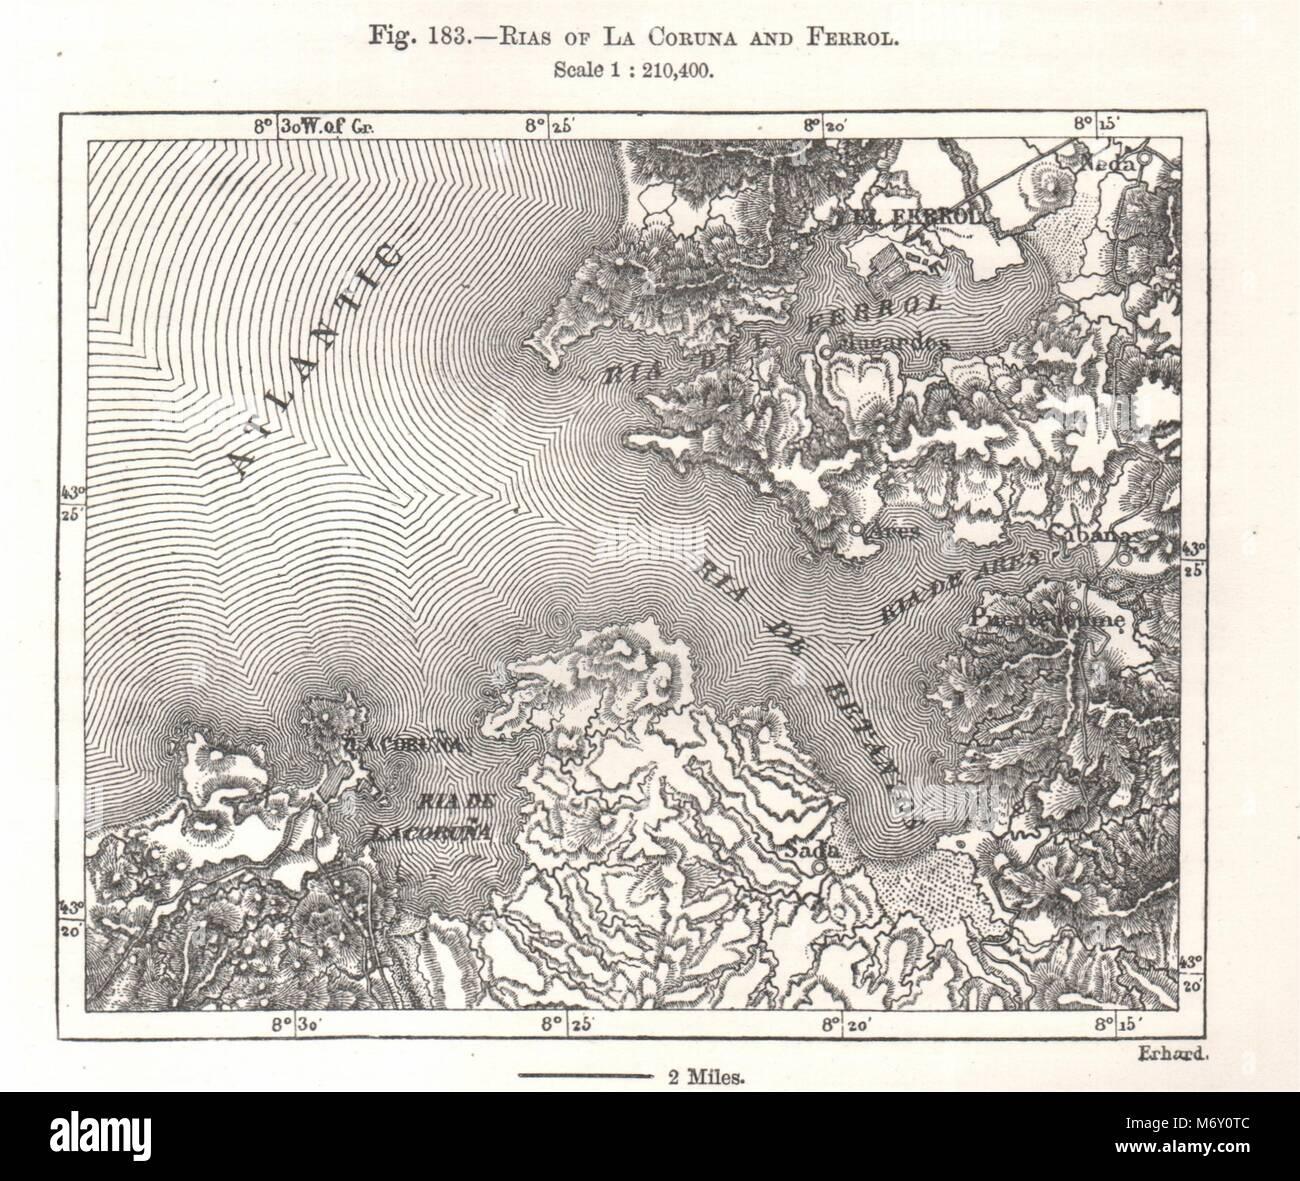 ferrol espanha mapa Rias de La Corunha e Ferrol. A Espanha. Esboço de mapa gráfico  ferrol espanha mapa